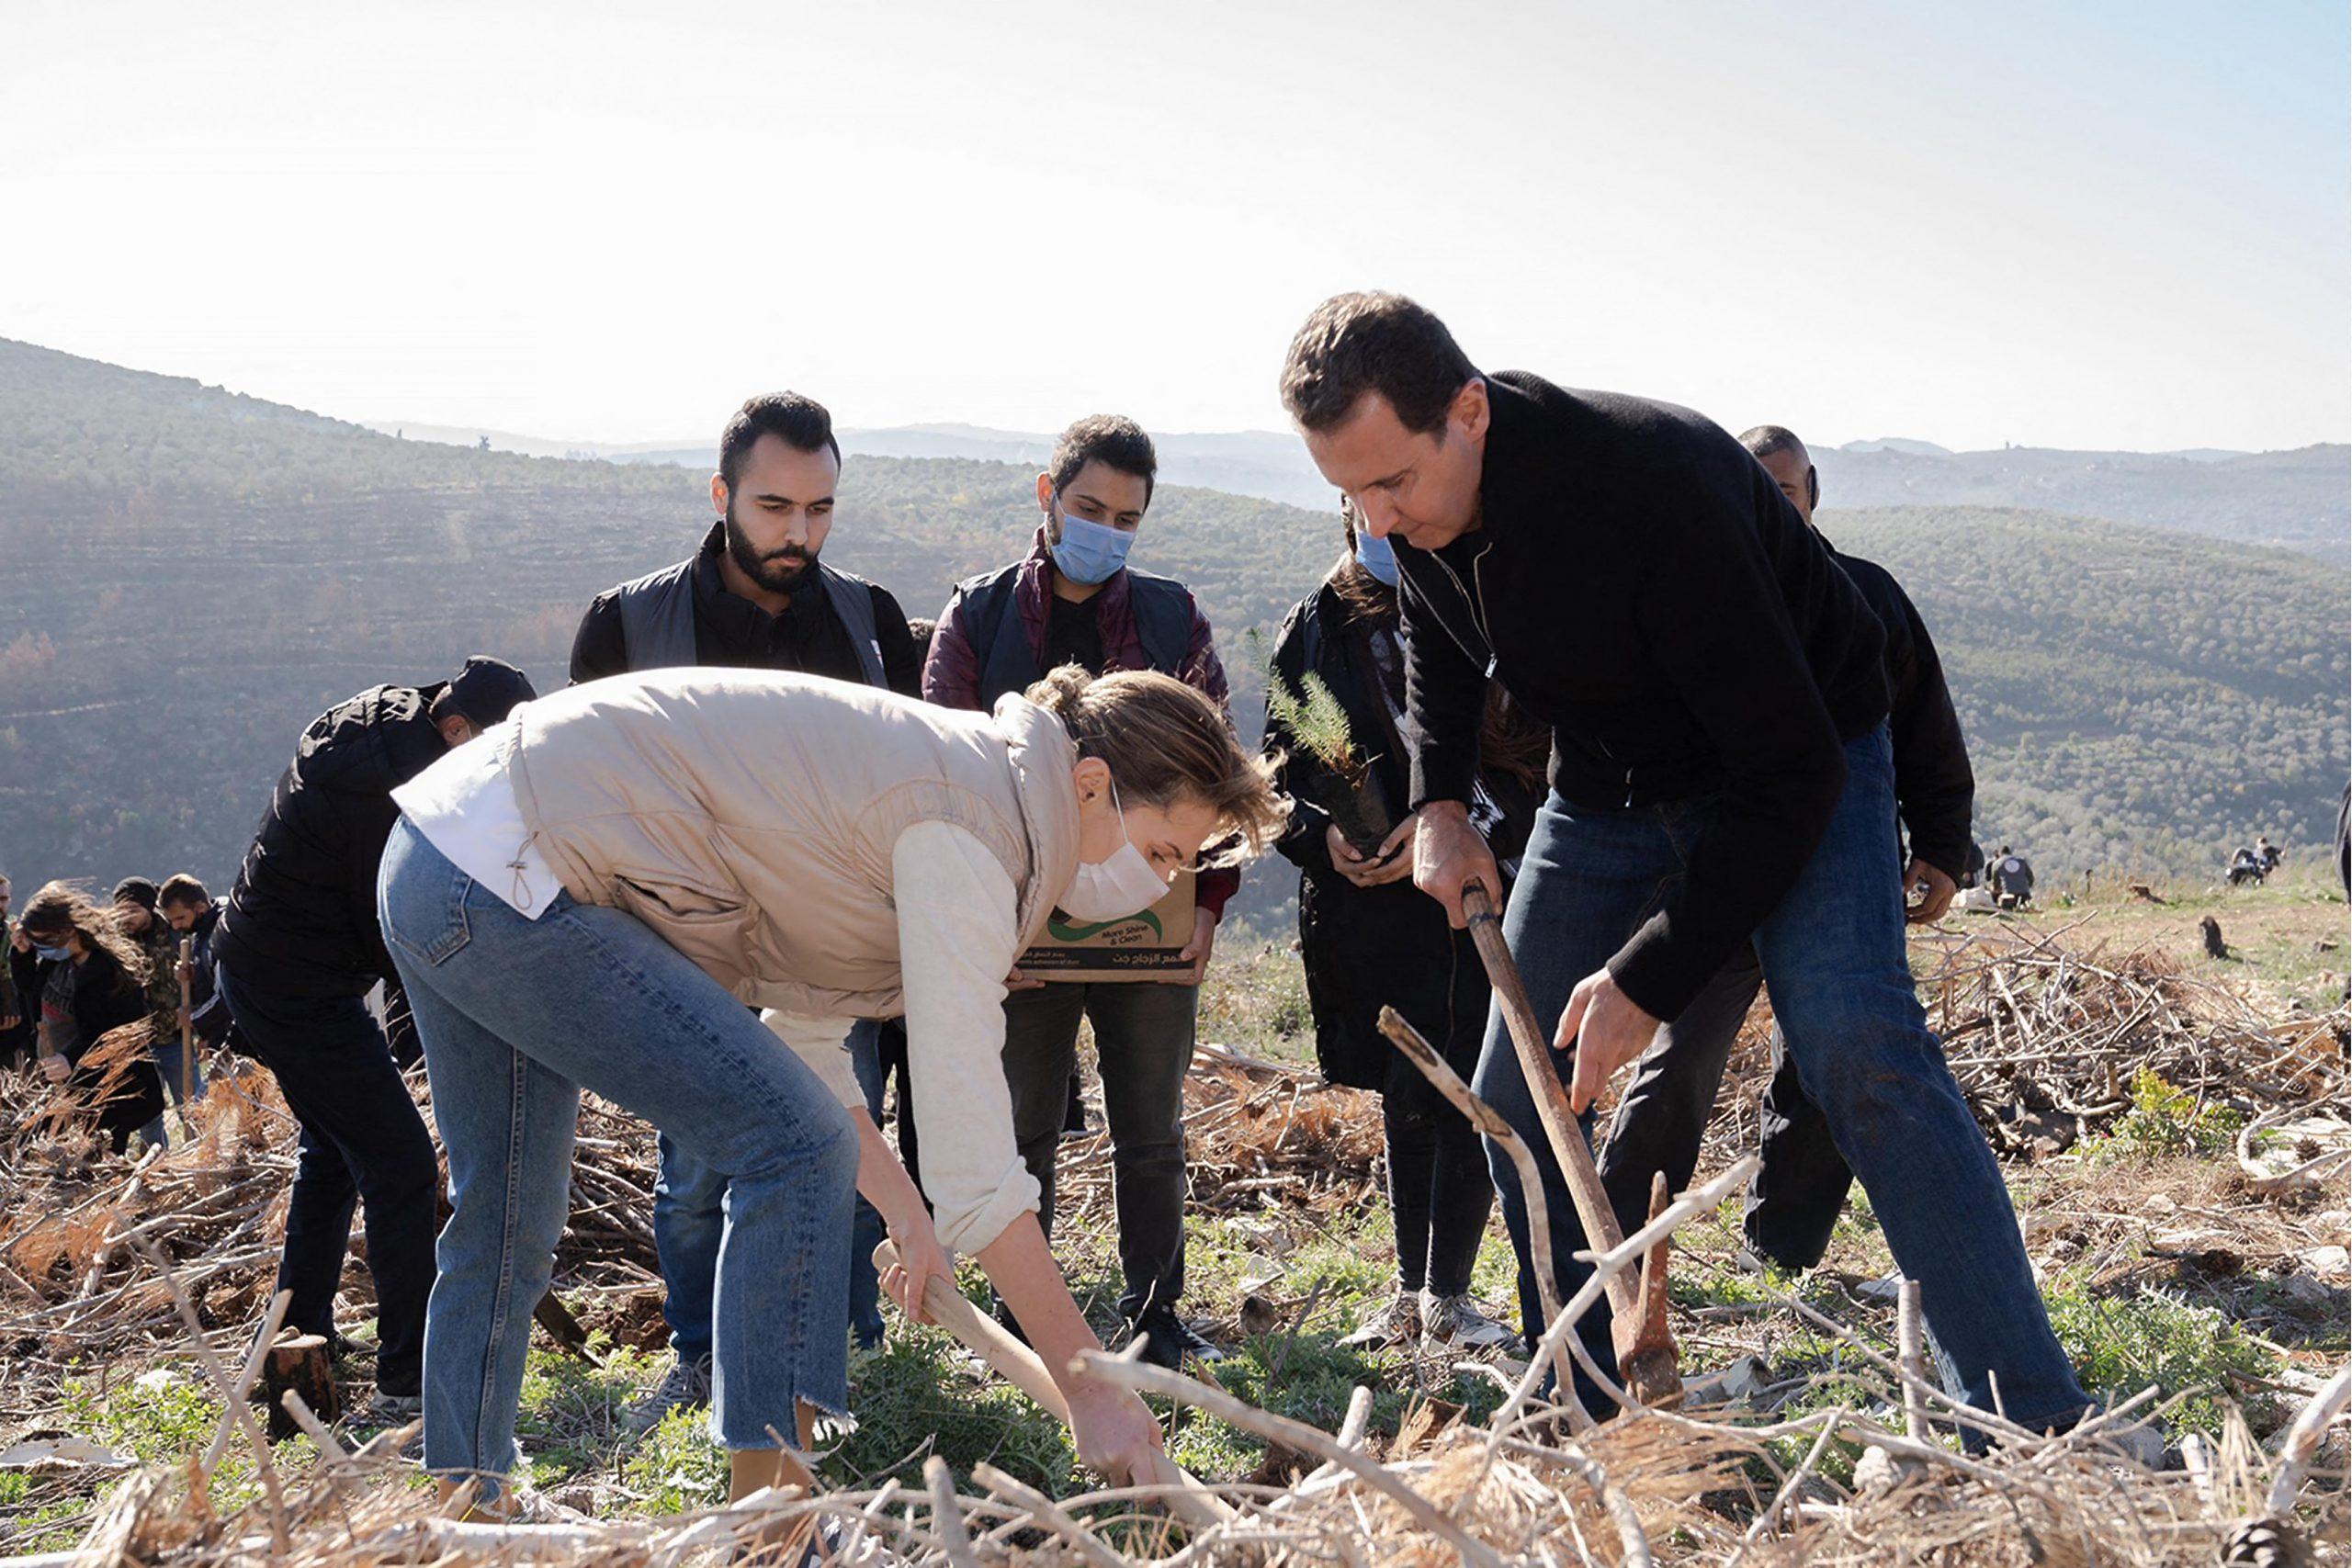 Le couple présidentiel participe à une campagne de reboisement à Harsh al-Tufaha, dans l'ouest de la Syrie, le 30 décembre 2020.